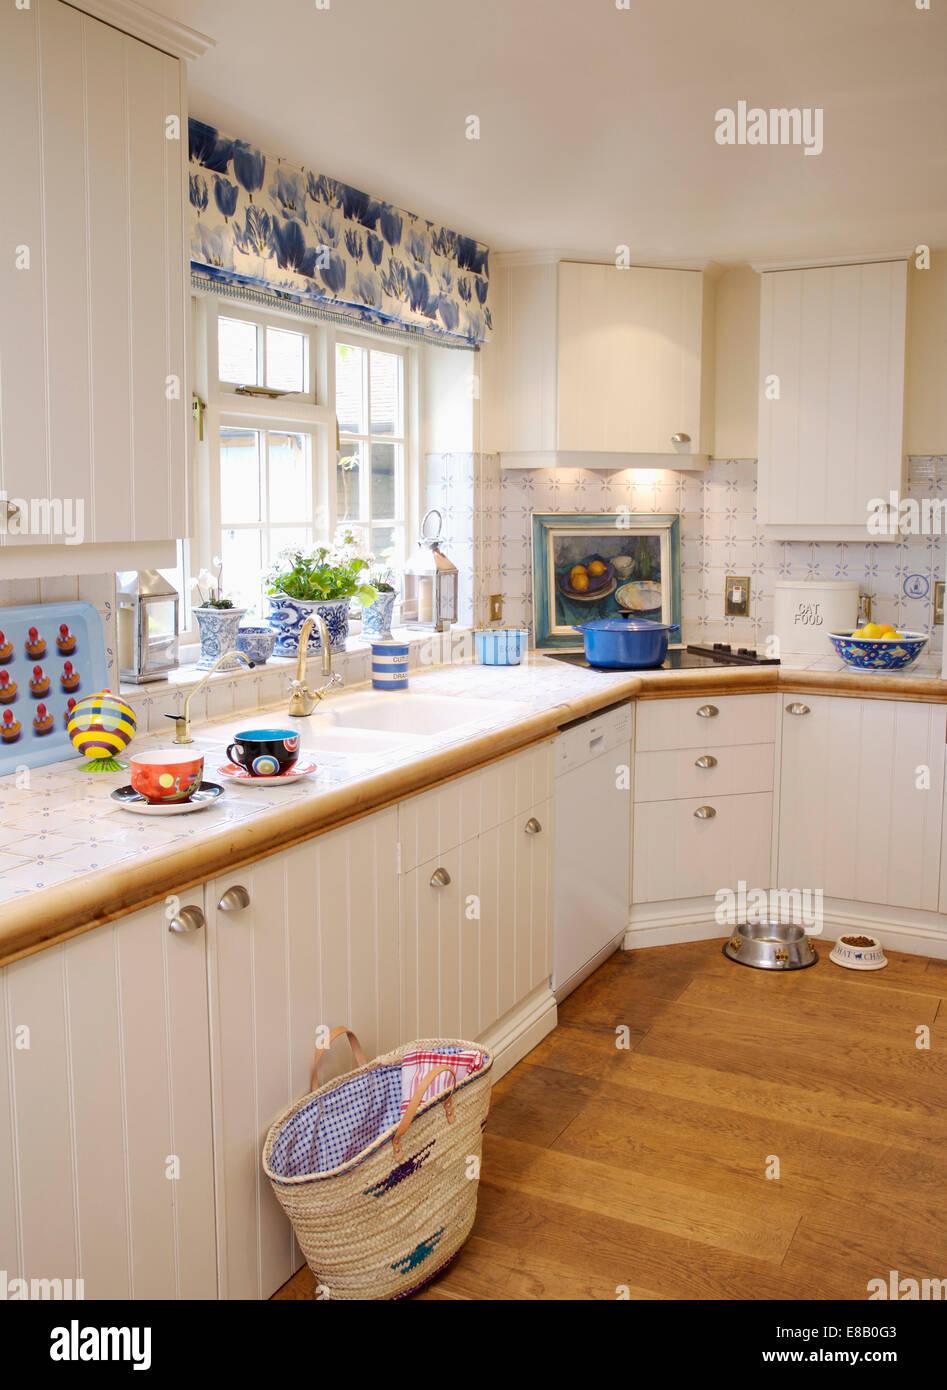 Fantástico Casa Cocina Cesta Festooning - Ideas de Decoración de ...